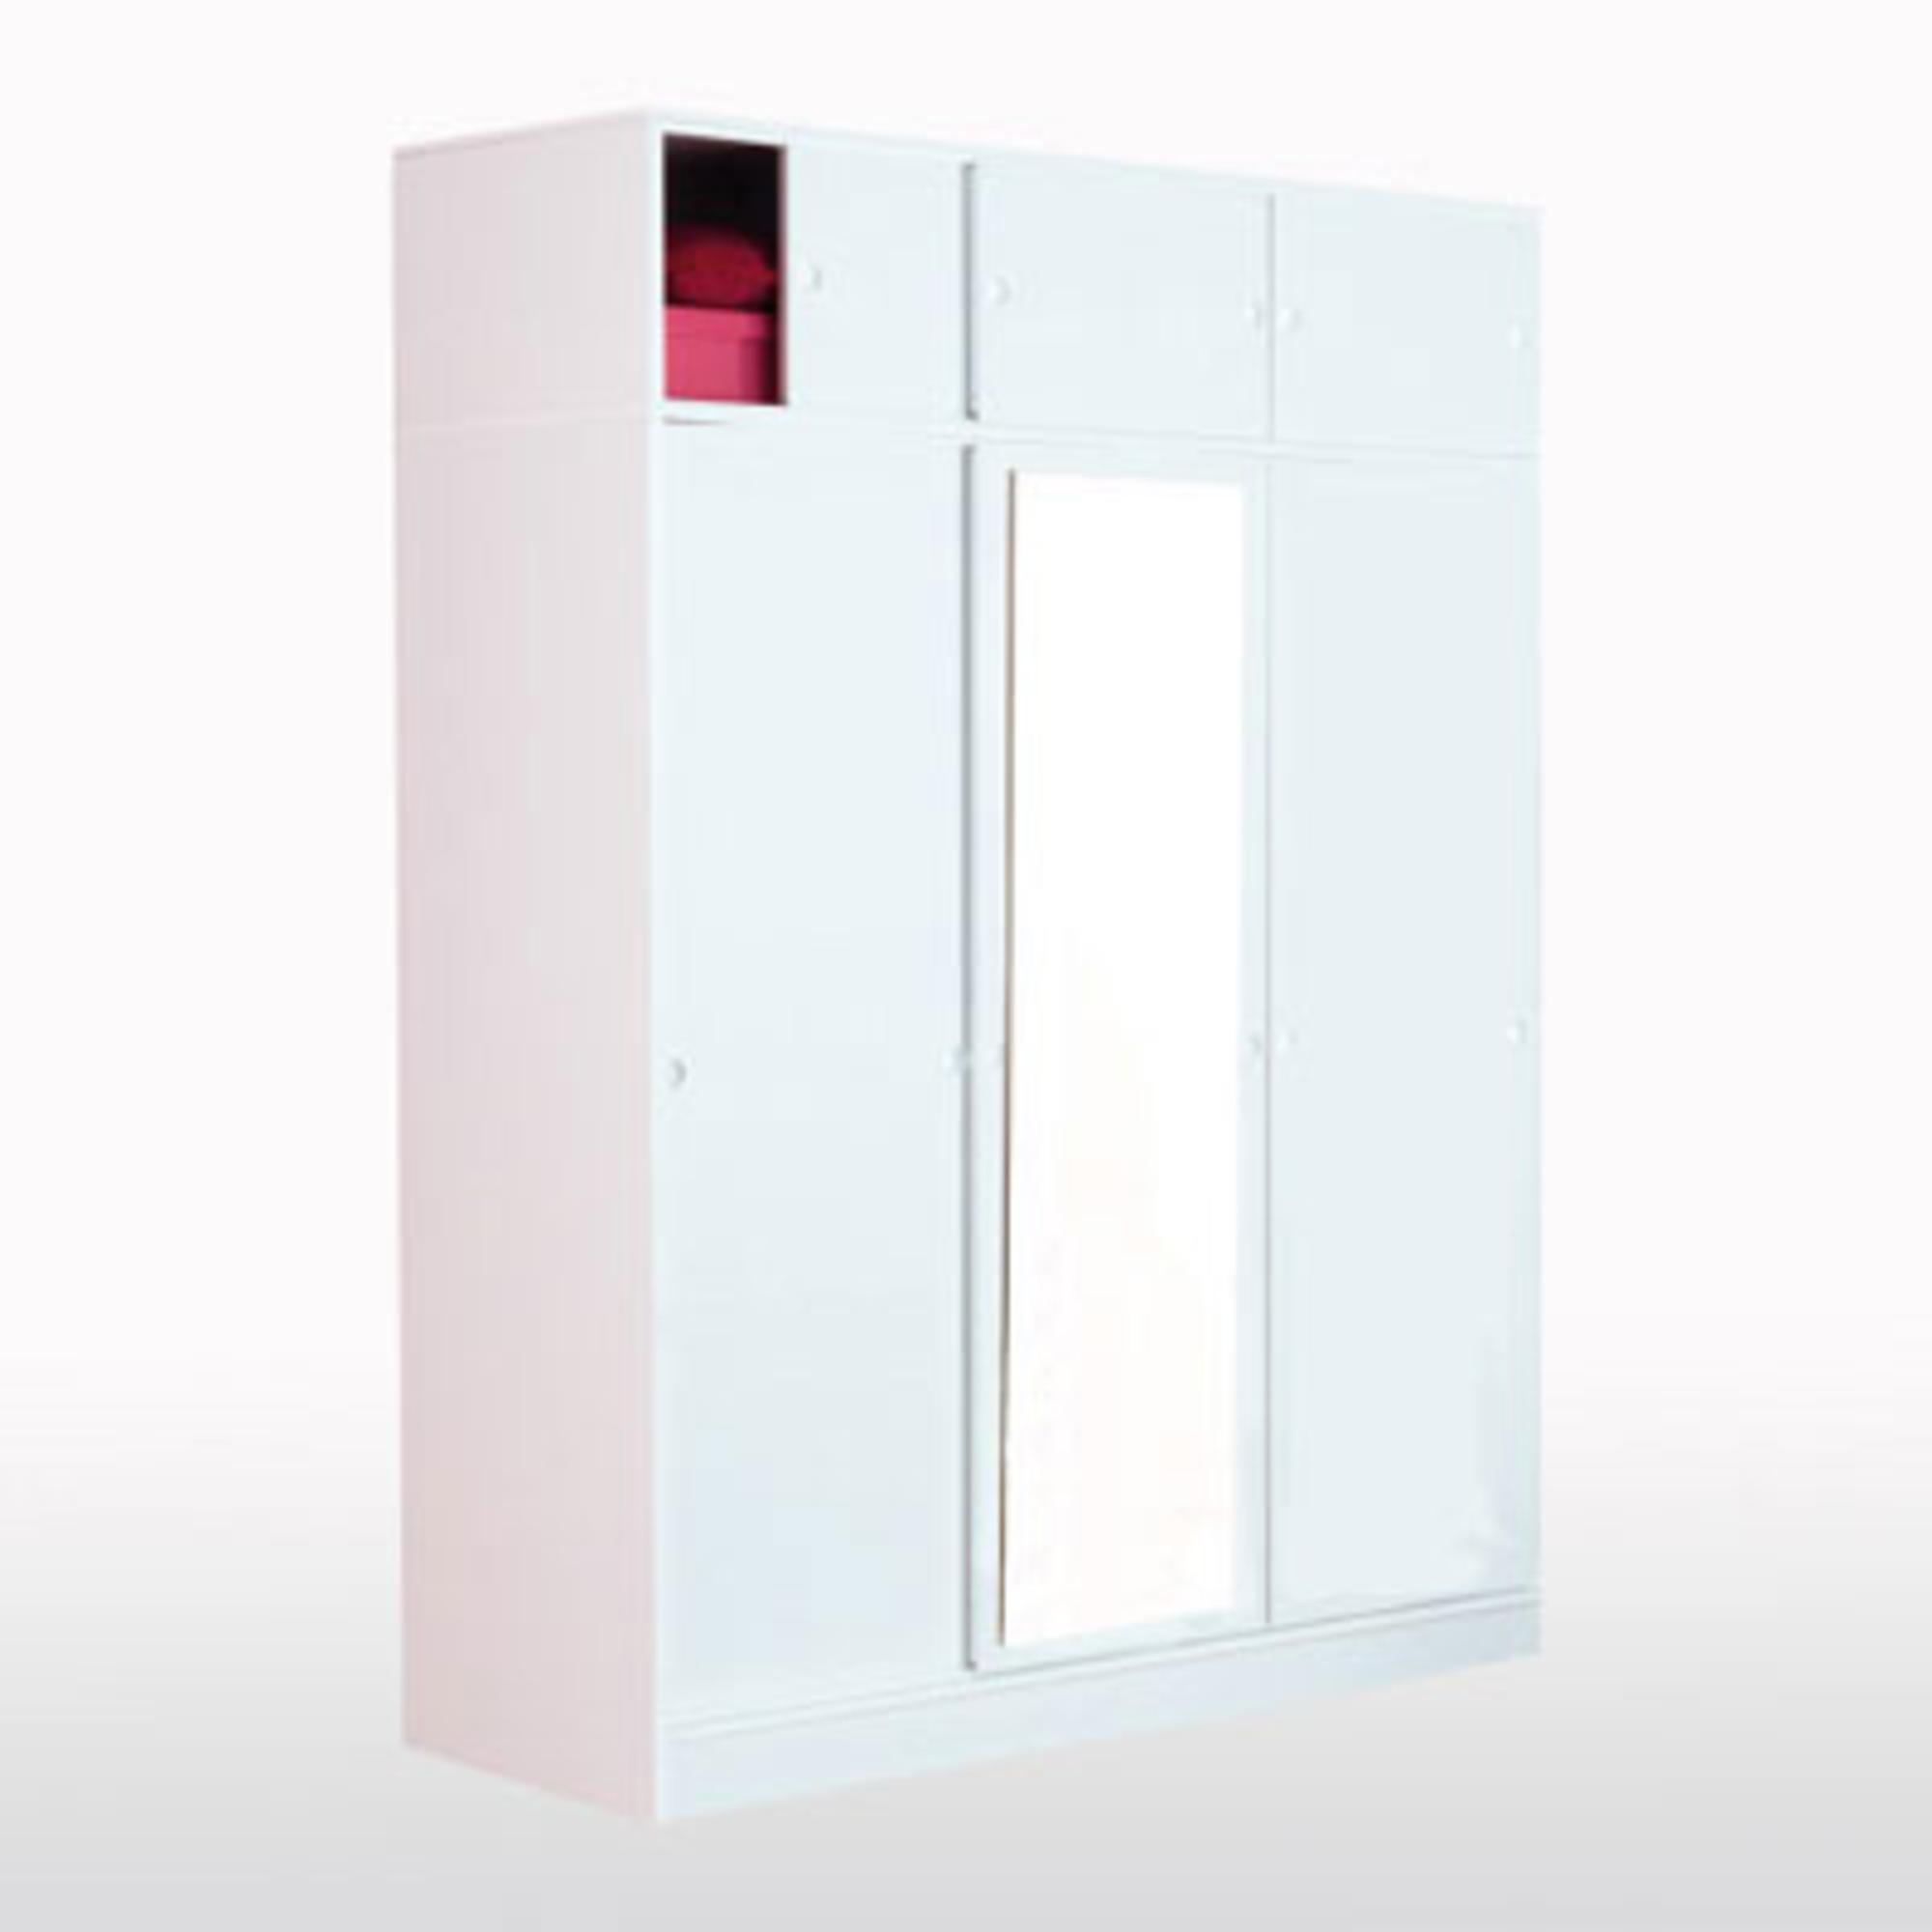 Armoire 3 portes coulissantes surmeuble villar al blanc anniversaire 40 ans acheter ce - Armoire 3 portes coulissantes ...